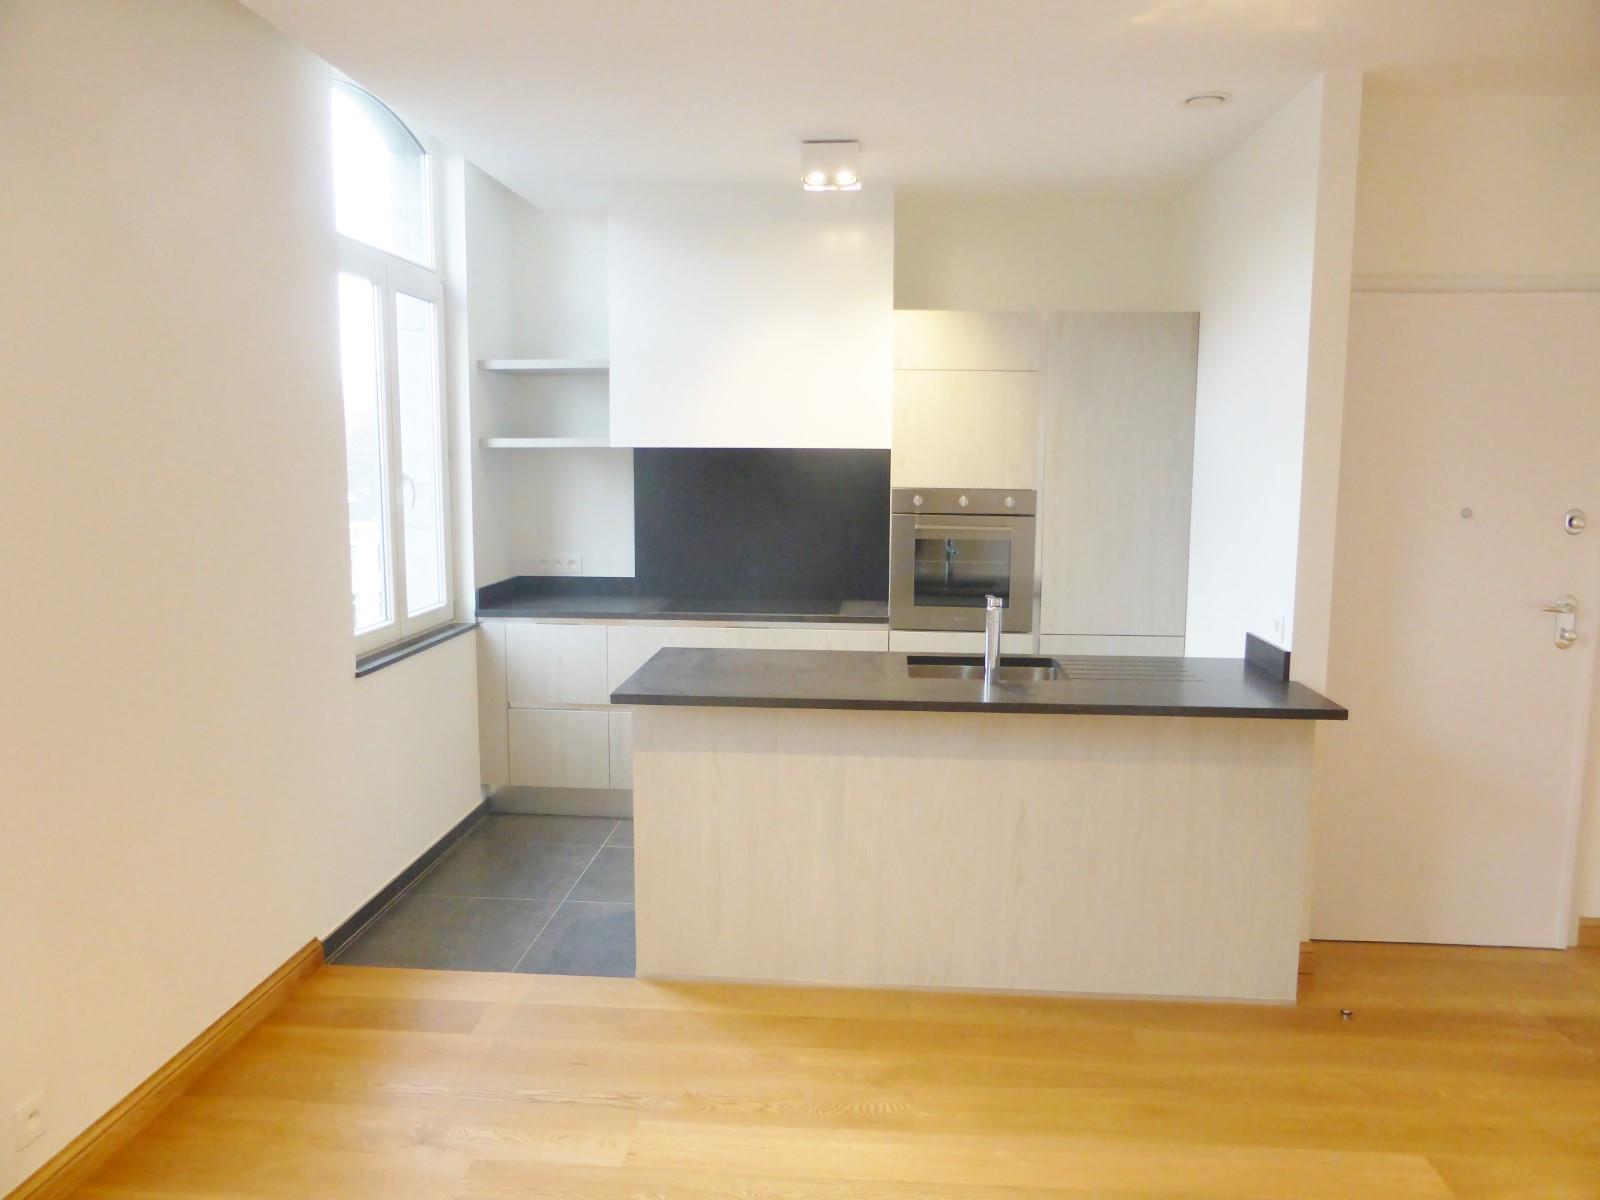 Appartement exceptionnel - Bruxelles - #4094385-31